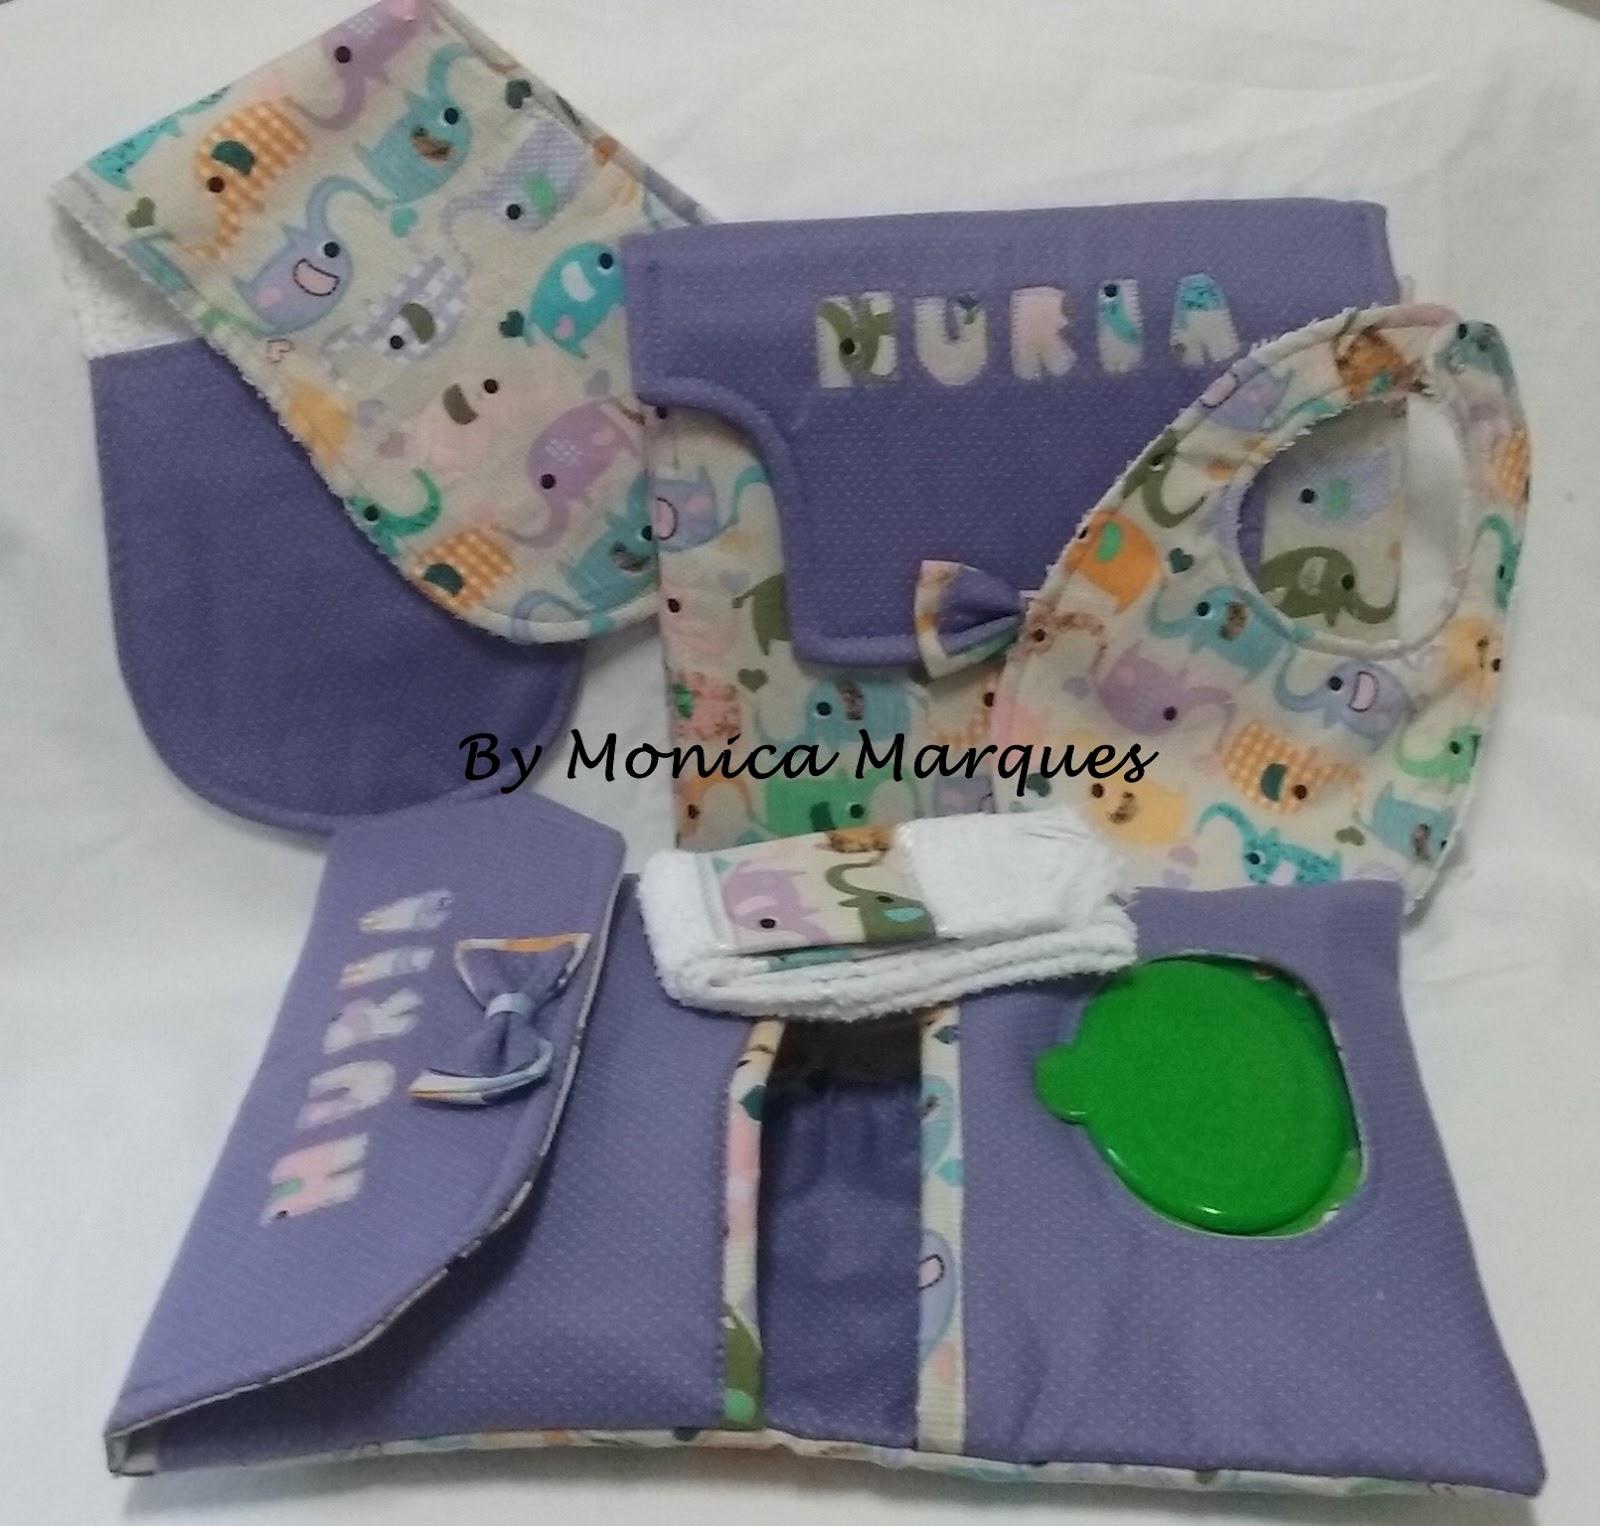 Adesivo De Parede Infantil ~ Monica Marques artesanato em tecido, fios e afins Kit passeio para o beb u00ea em tecido